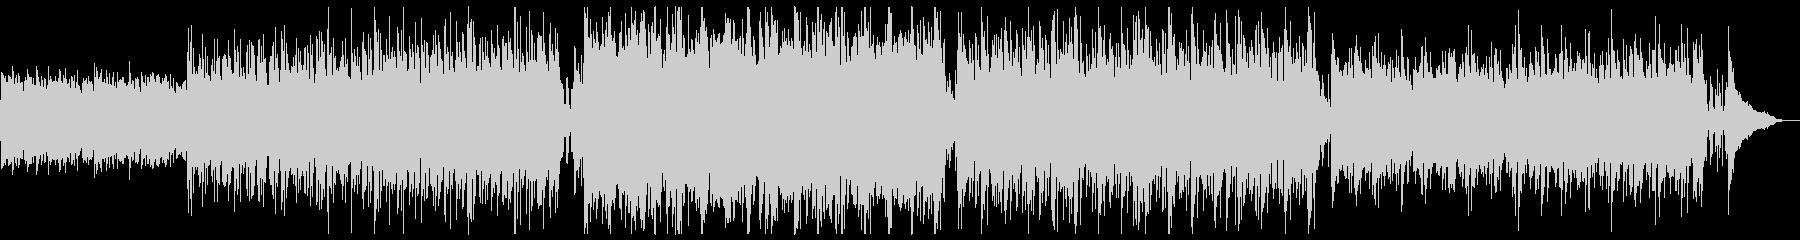 ハリウッド風ダークバイオリンx1回の未再生の波形